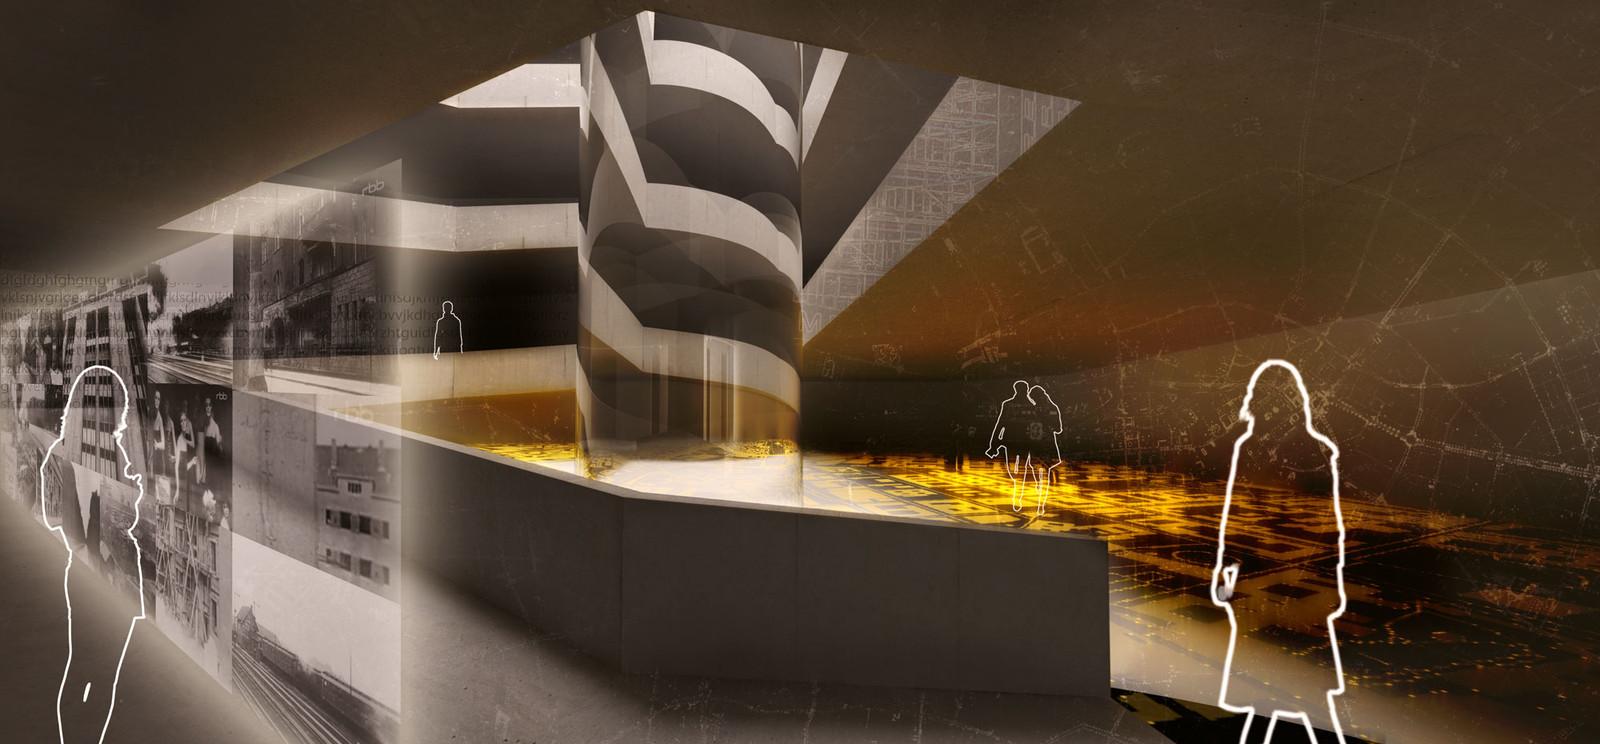 Visualisierung Berlin filmmuseum berlin mitte architektur visuell architektur